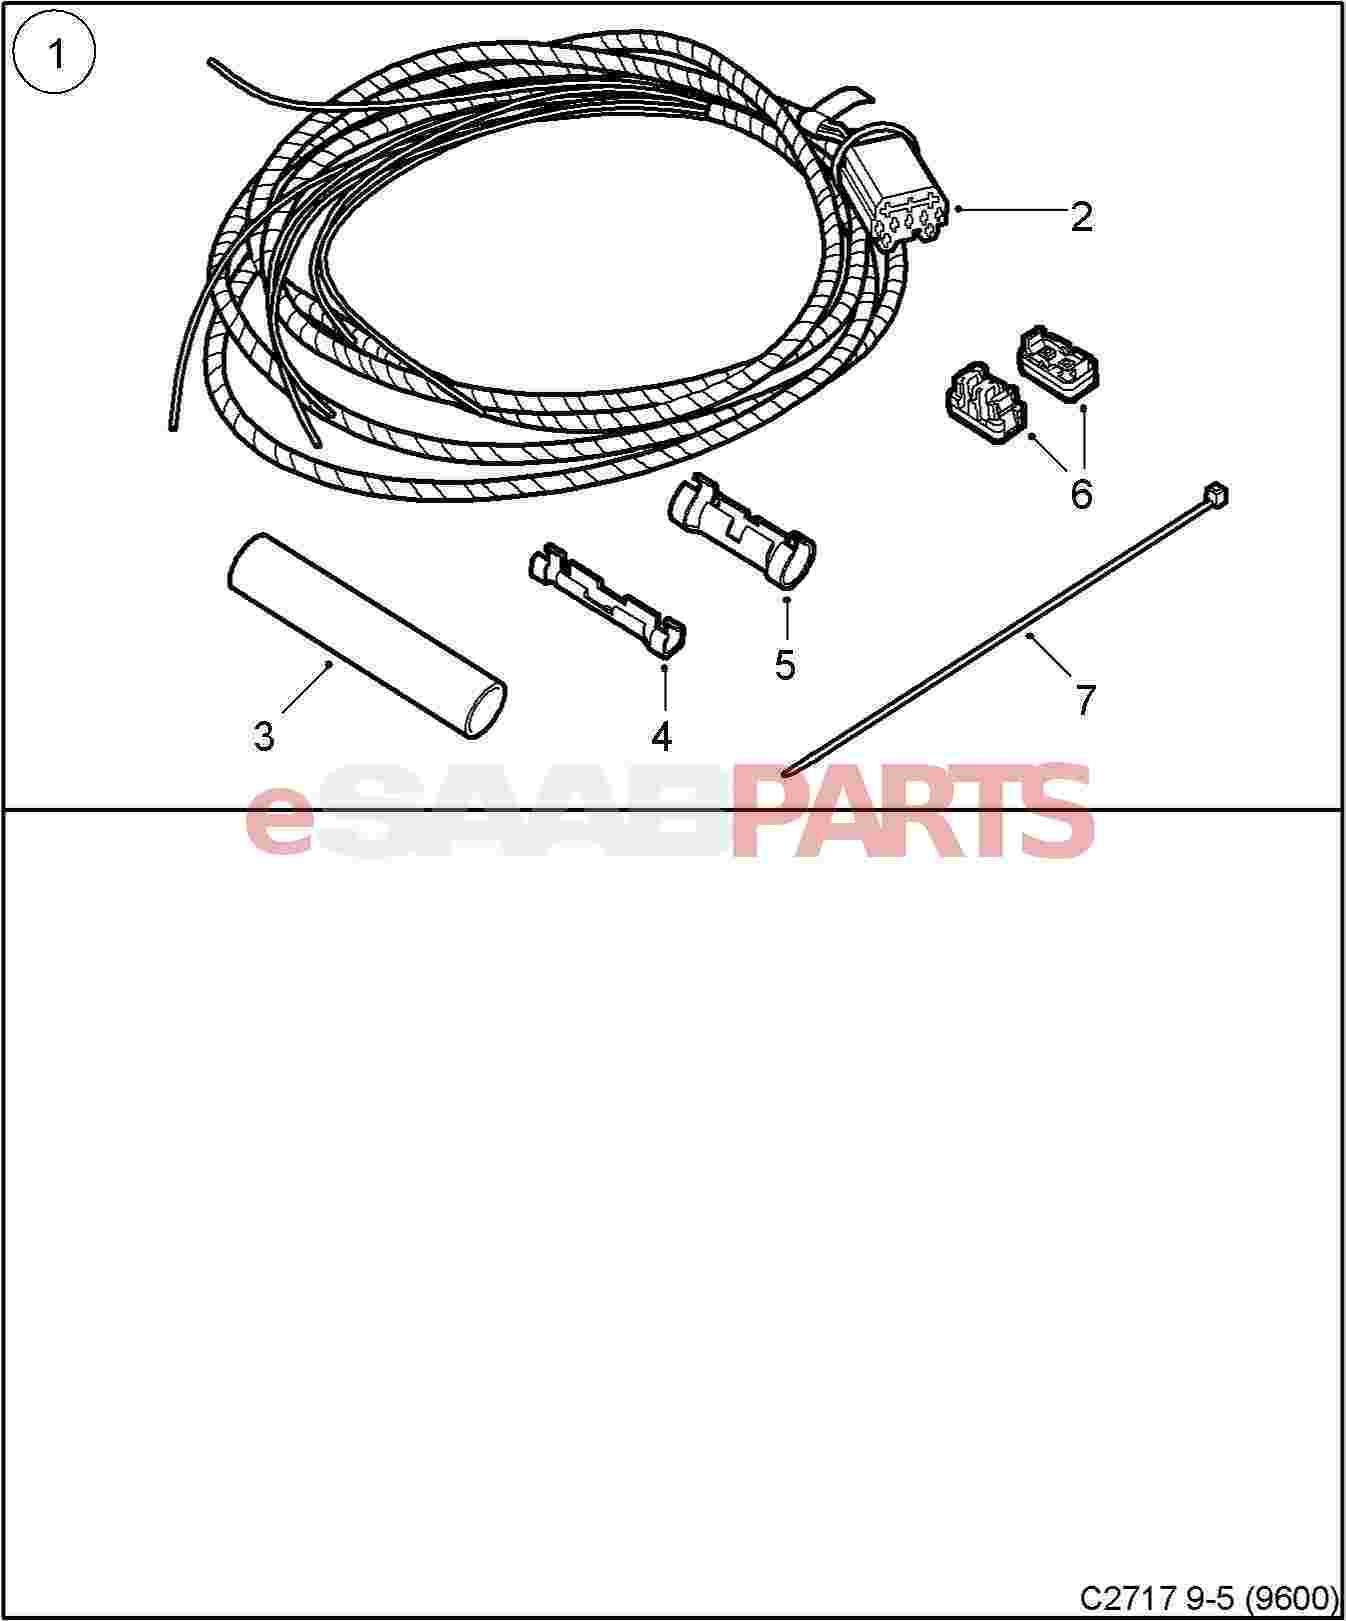 Guerrilla Cables Harness